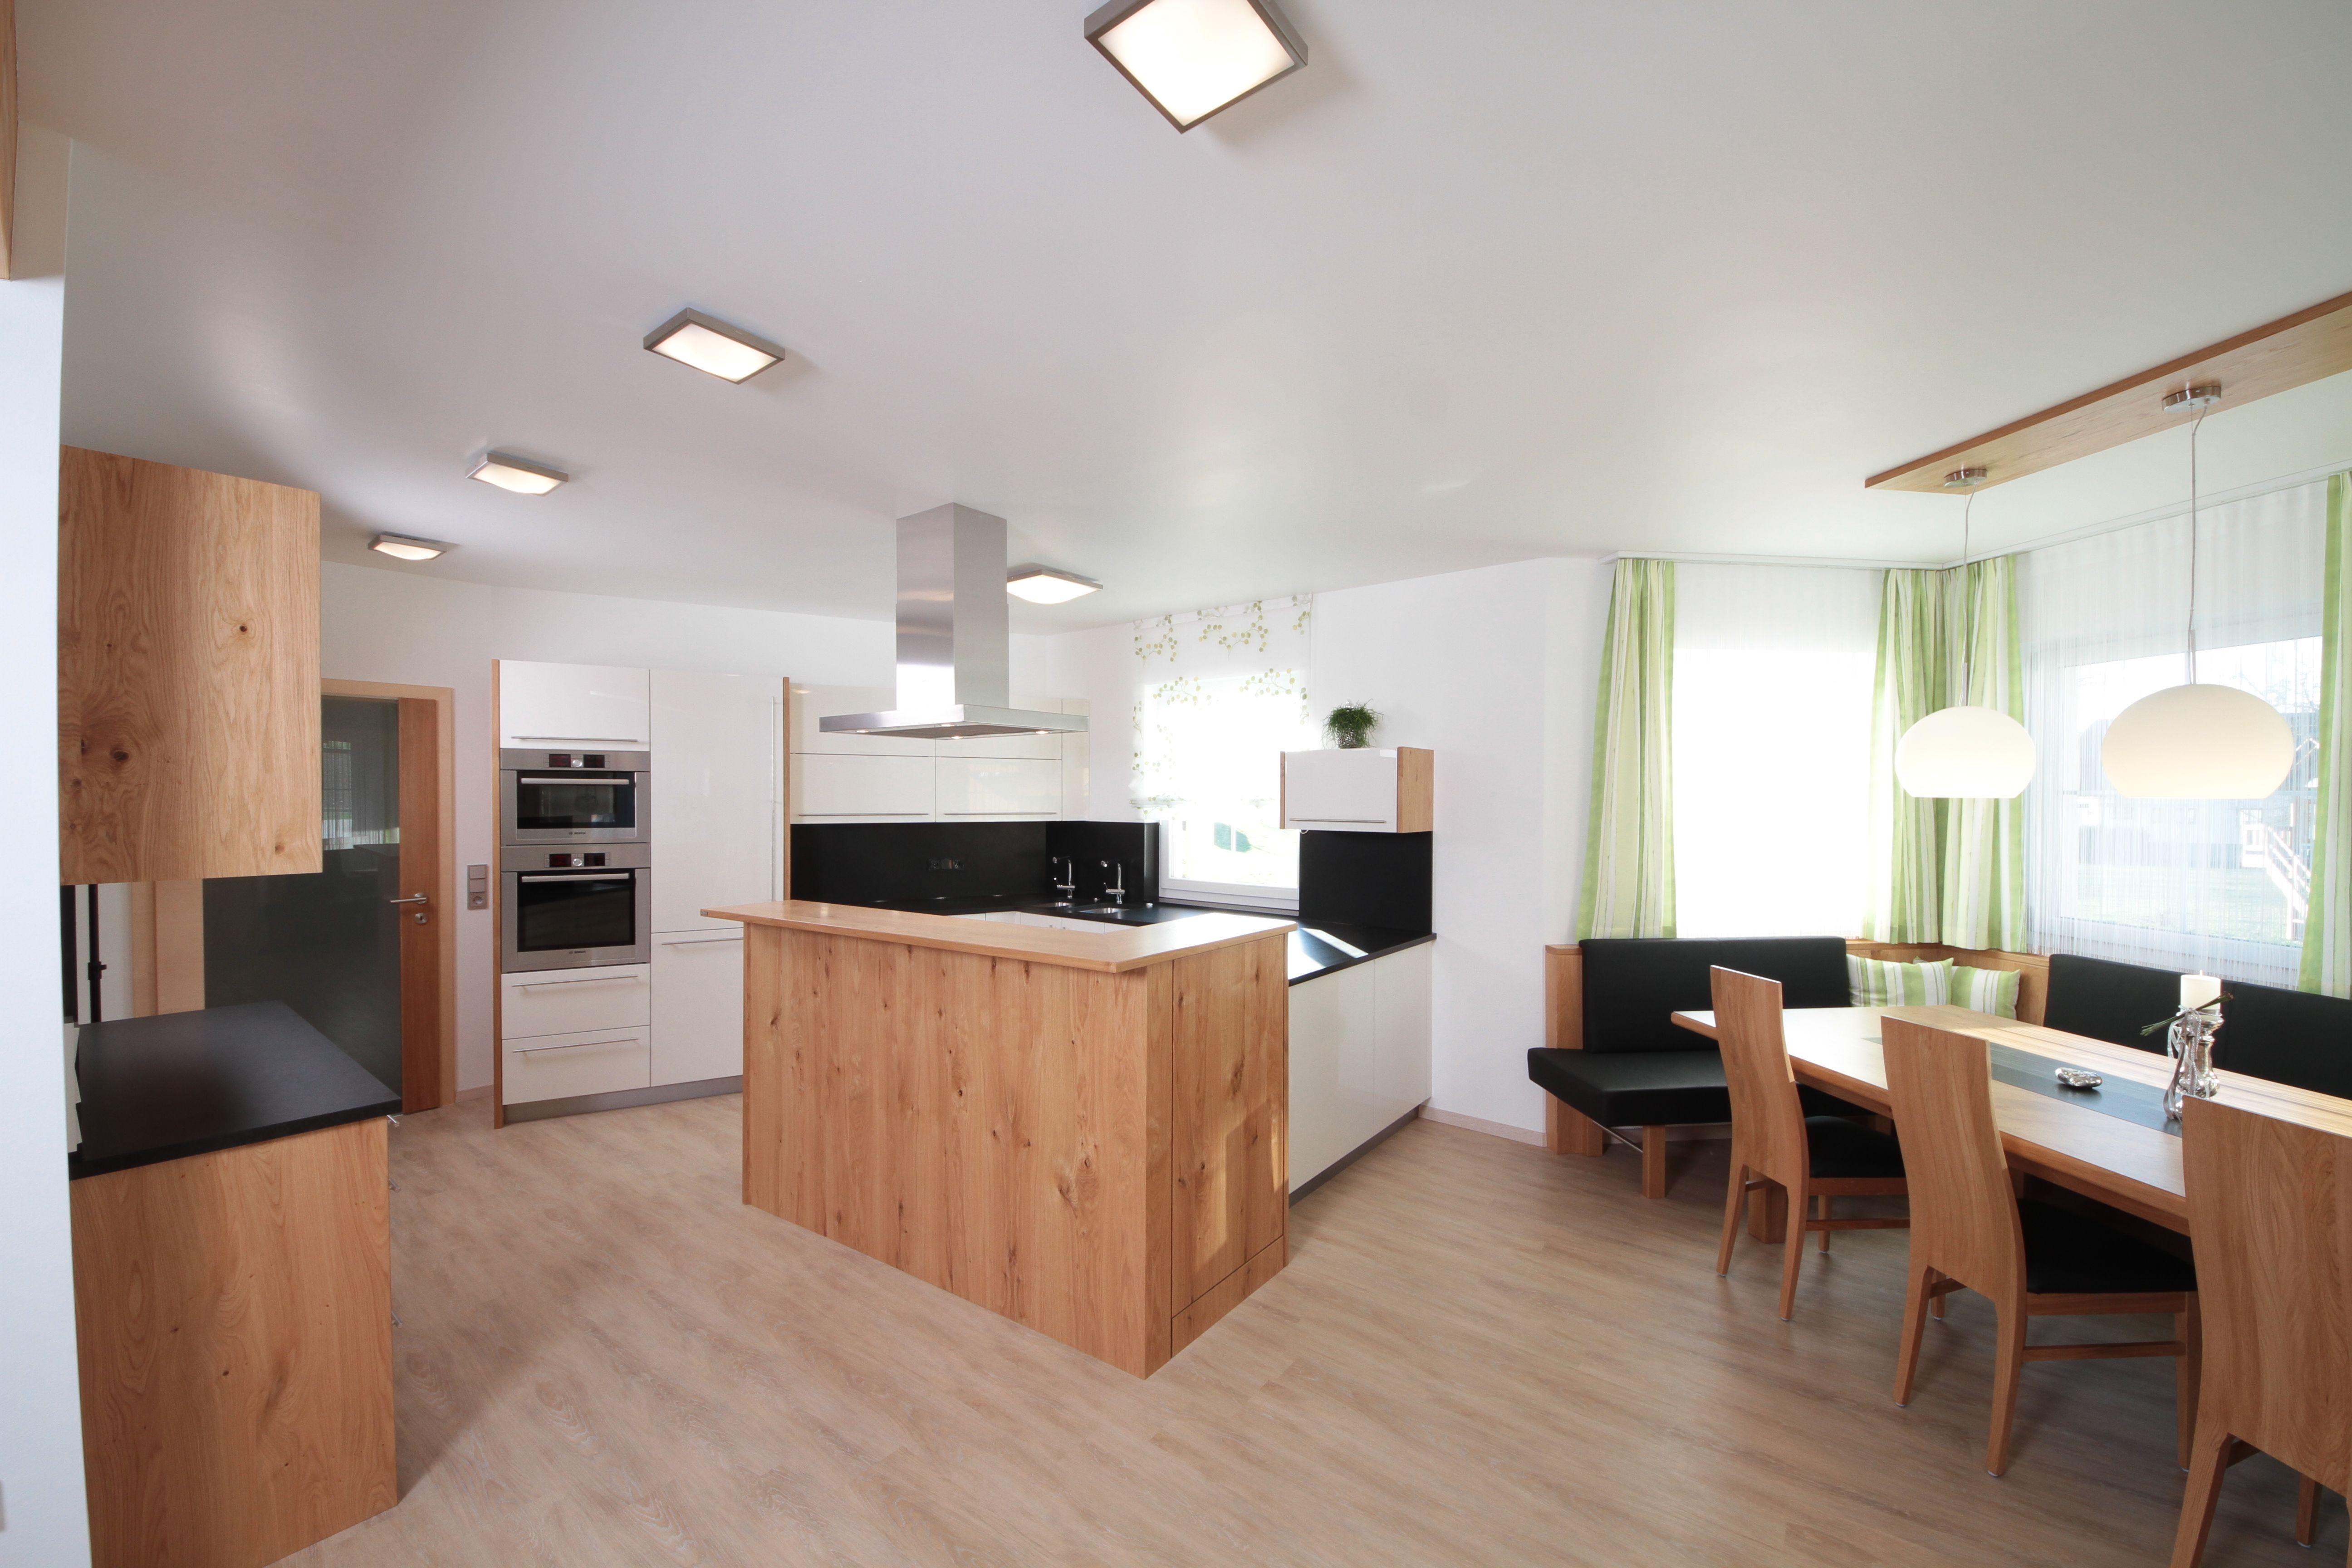 wohnk che mit wei en hochglanzfronten und wildeiche arbeitsplatte aus granit k che vom. Black Bedroom Furniture Sets. Home Design Ideas